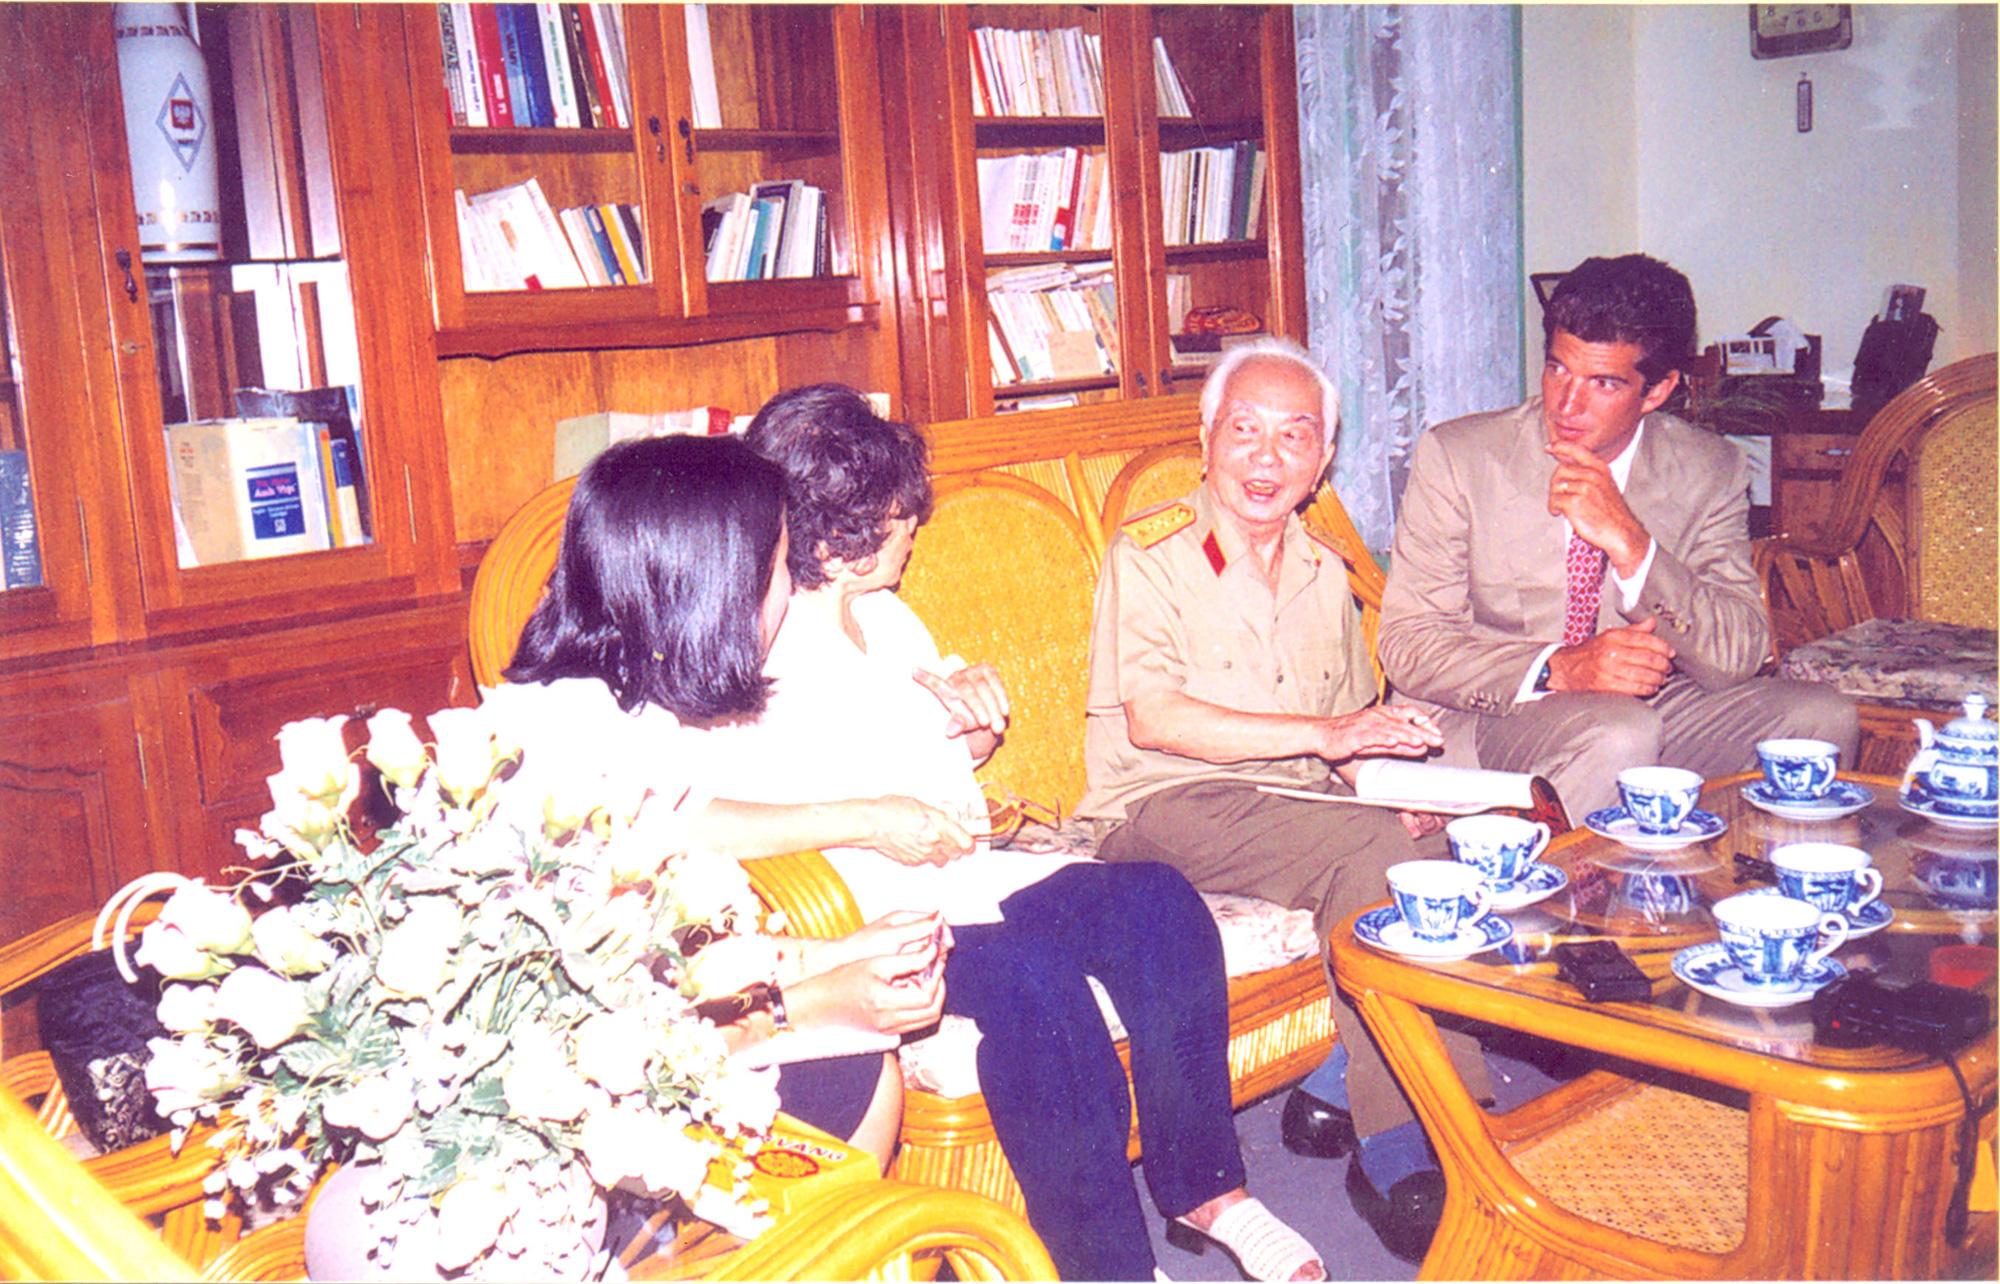 Nhân cách lớn của Đại tướng Võ Nguyên Giáp và cuộc gặp gỡ đặc biệt với con trai John Kennedy - Ảnh 2.